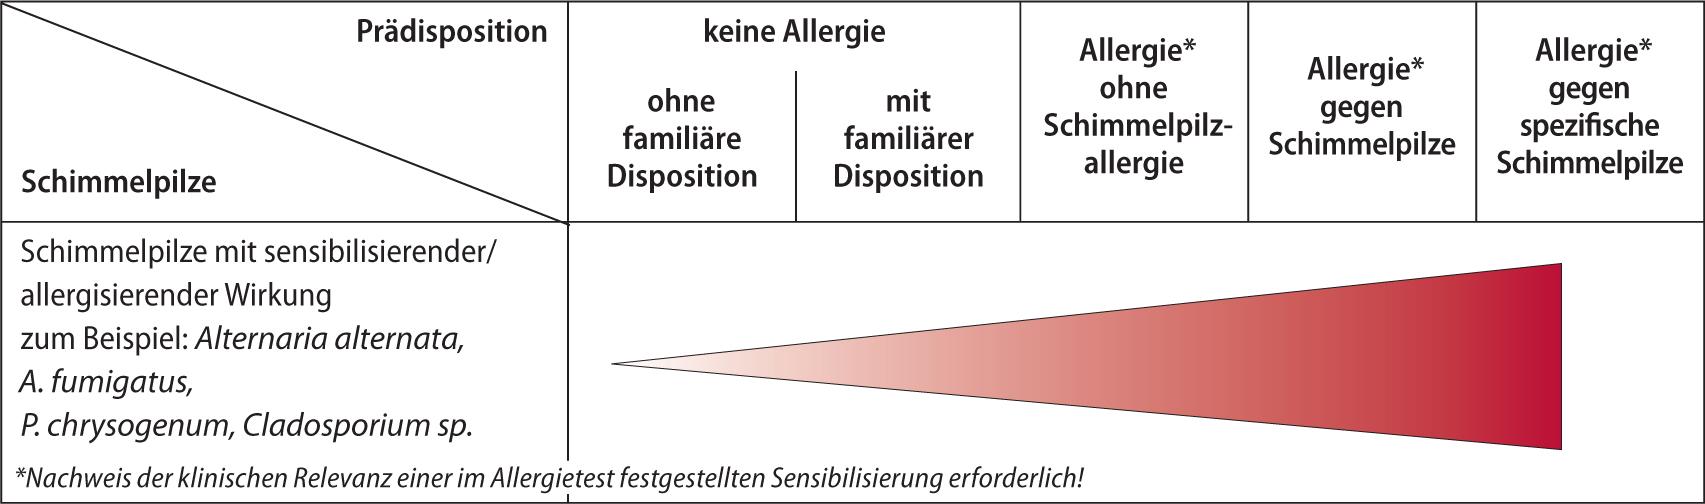 Kurzfassung der AWMF-Leitlinie medizinisch klinische Diagnostik bei ...